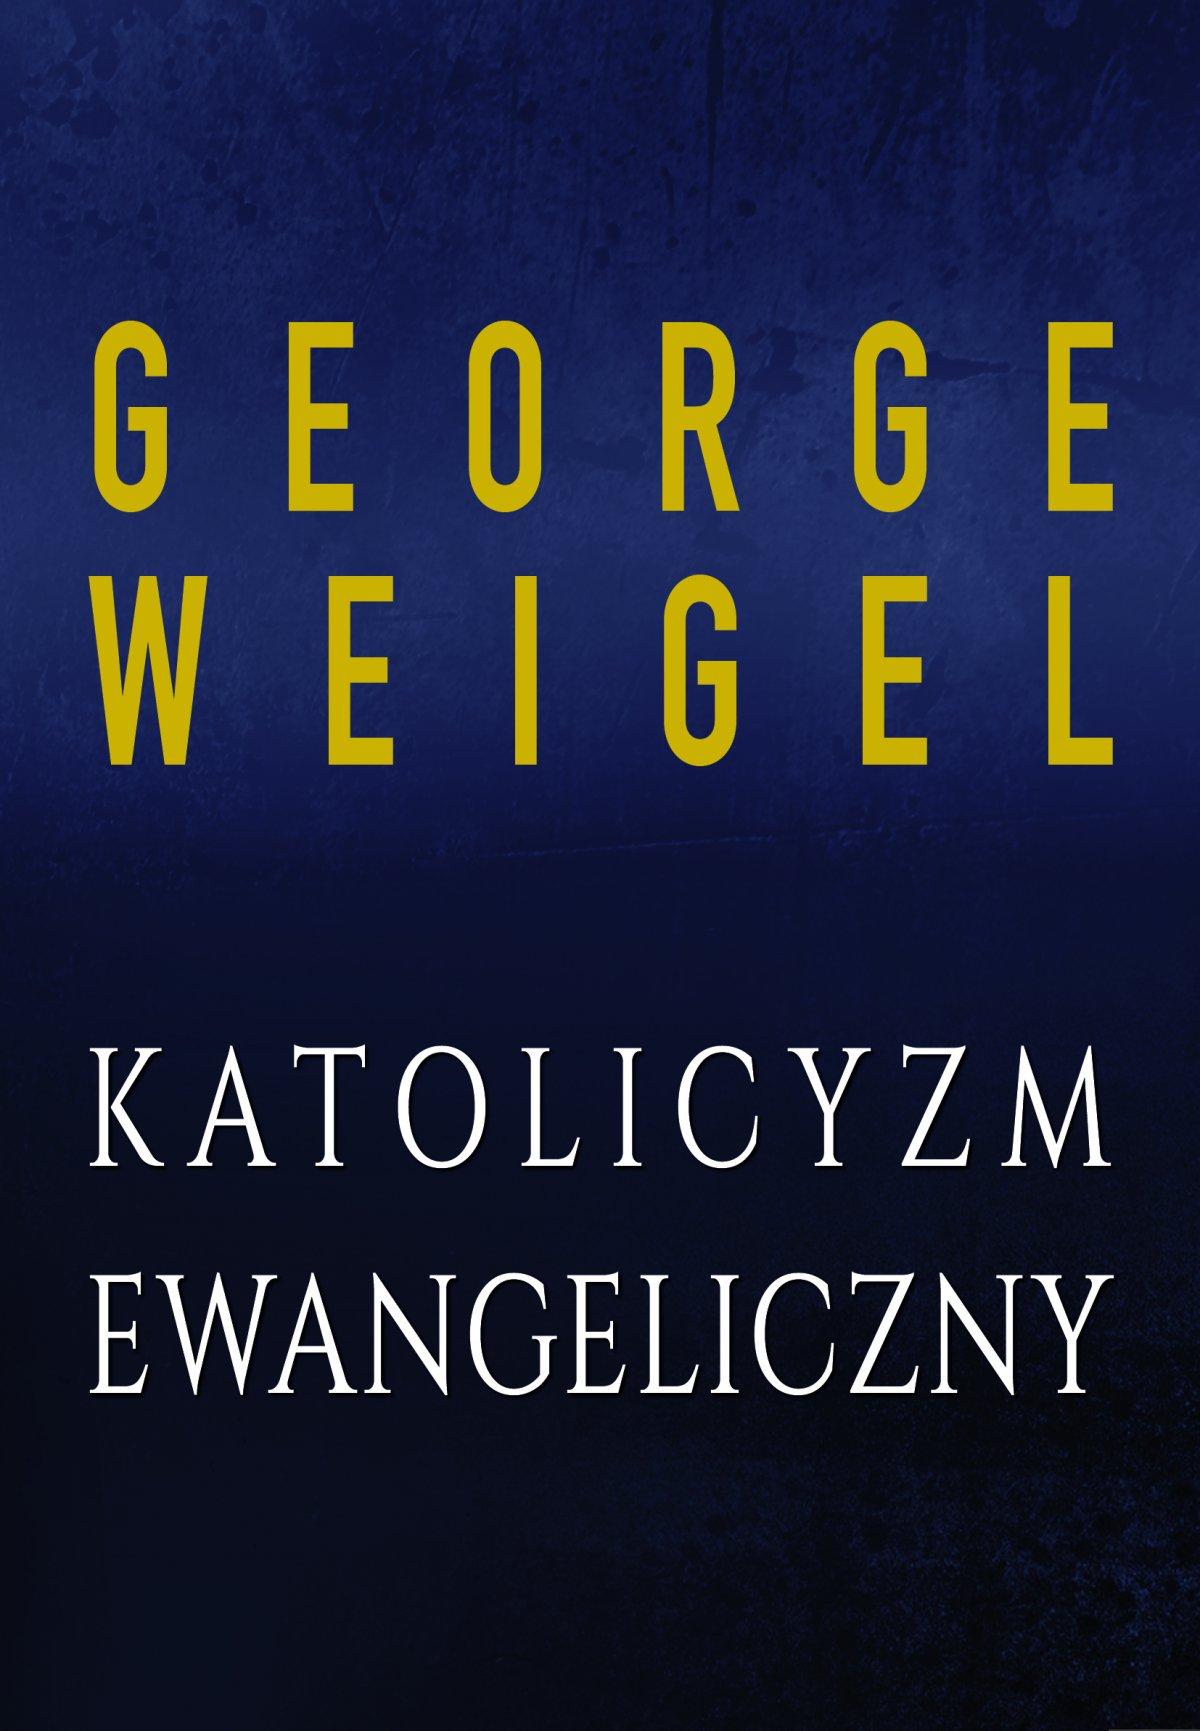 Katolicyzm ewangeliczny - Ebook (Książka na Kindle) do pobrania w formacie MOBI